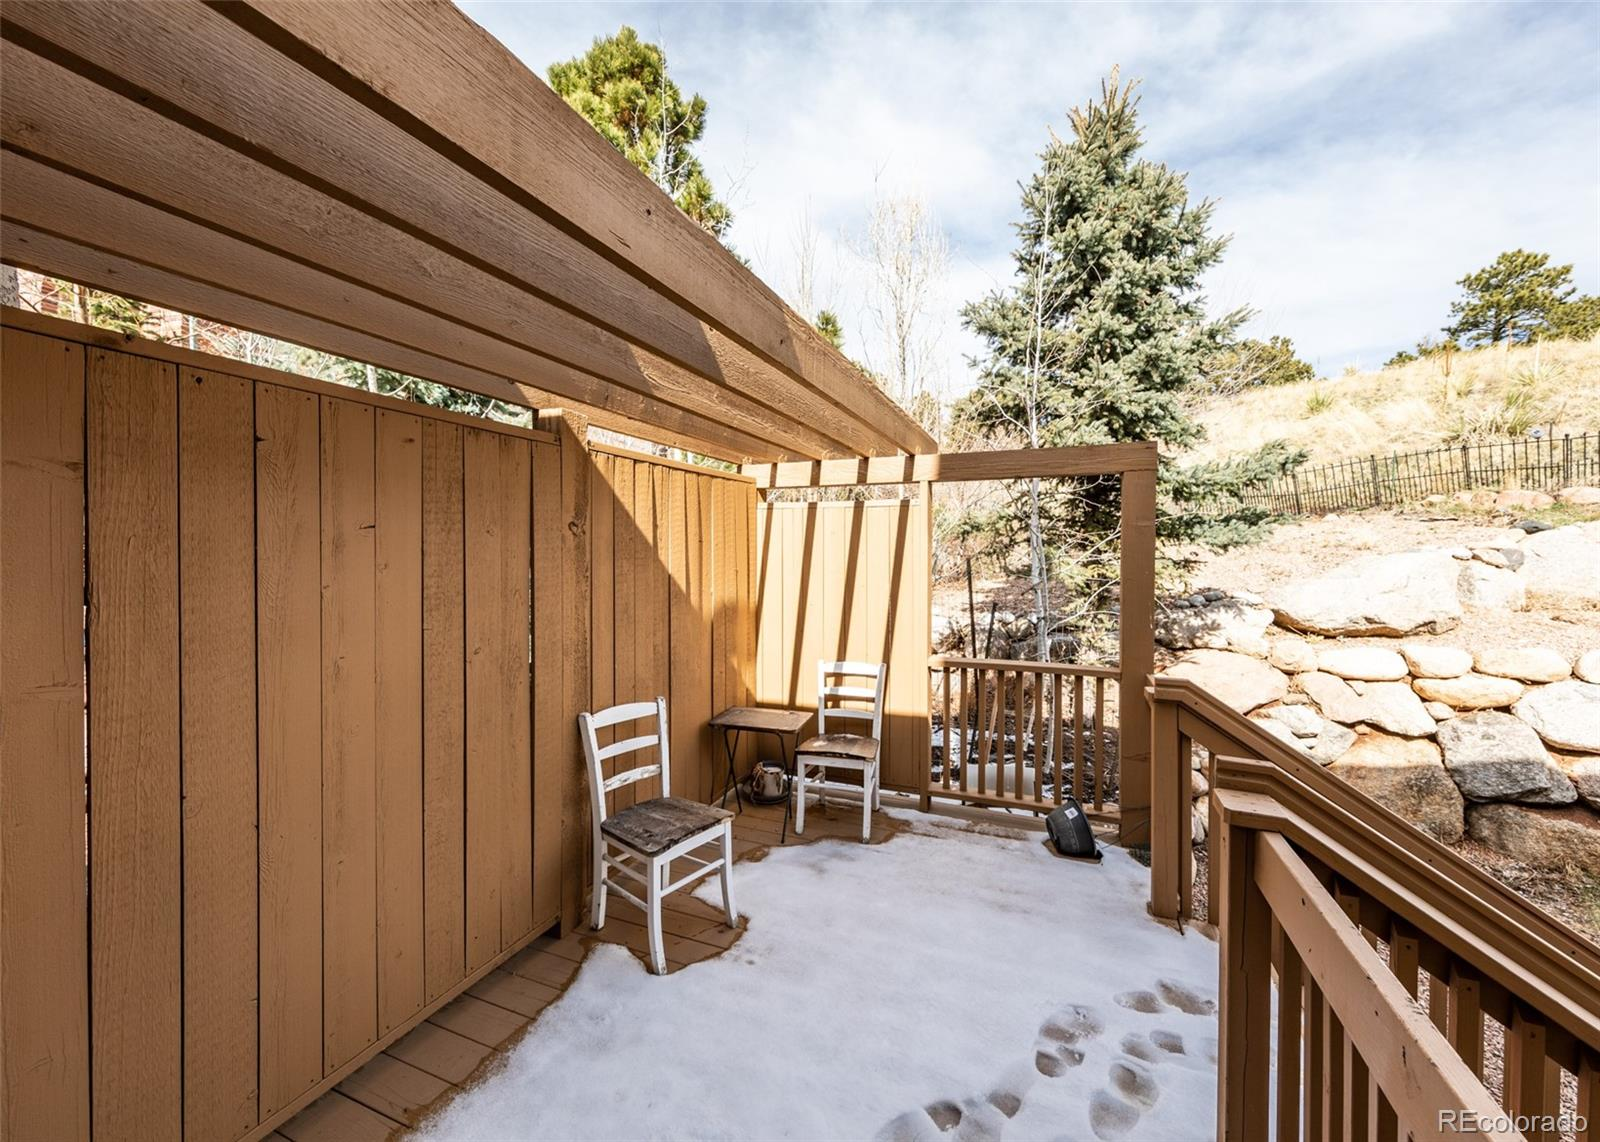 MLS# 5934008 - 35 - 5780 Linger Way, Colorado Springs, CO 80919